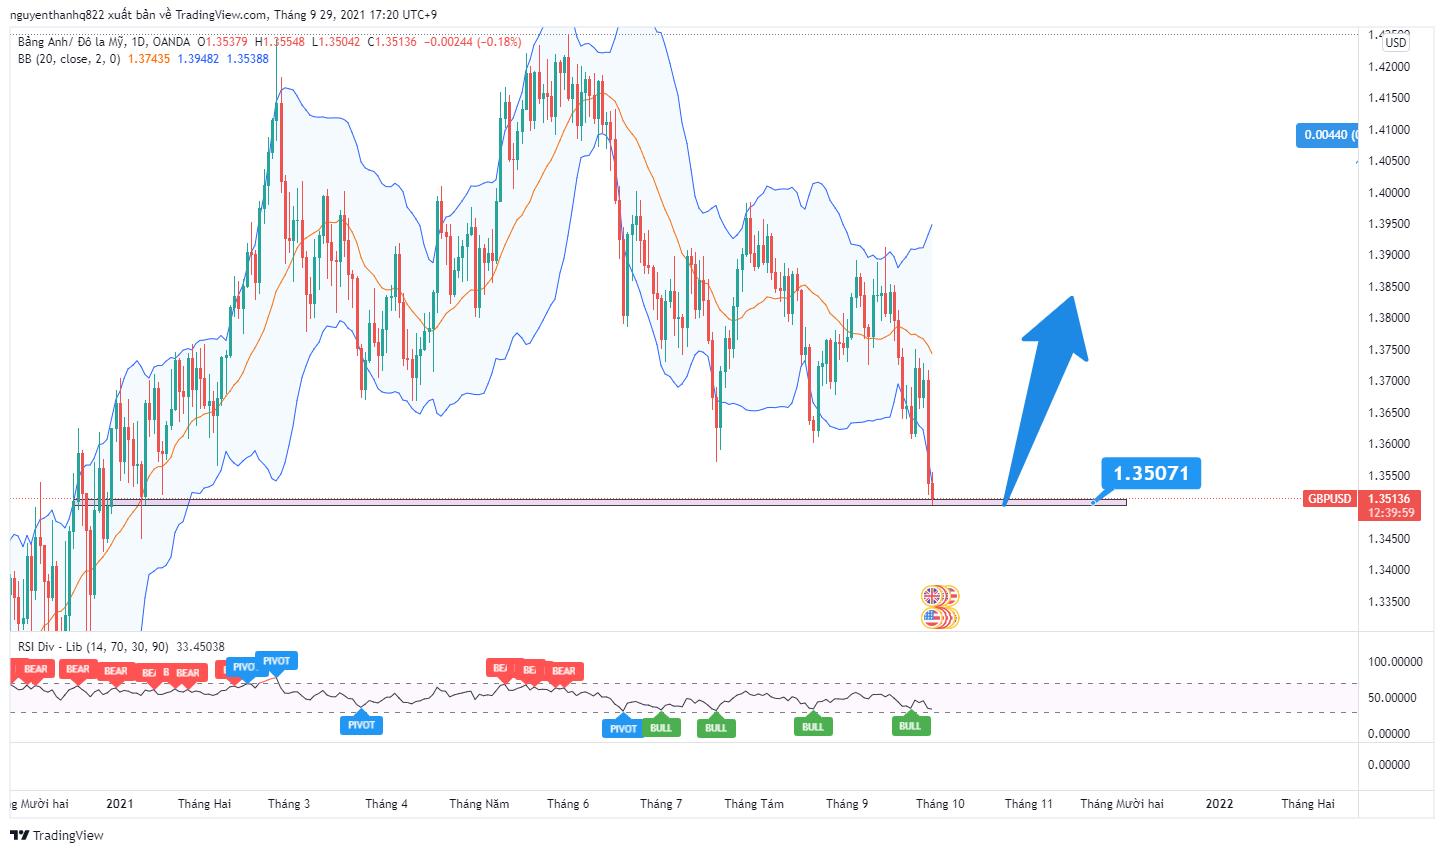 Phân tích giá GBP/USD: Đã đến lúc BUY?